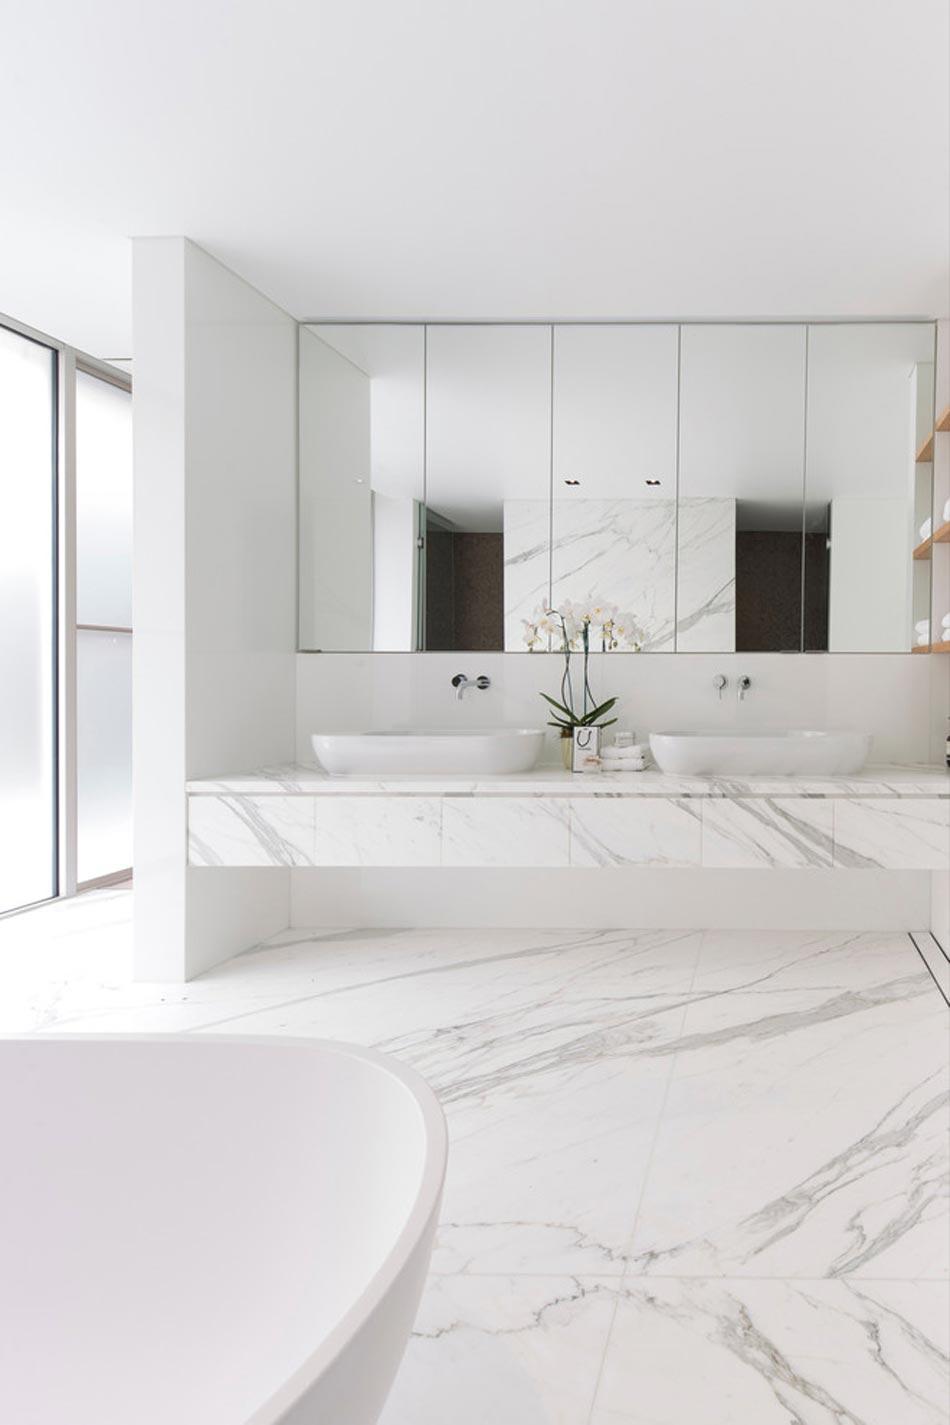 Plaque imitation marbre salle de bain salle de bains - Carrelage imitation marbre blanc ...